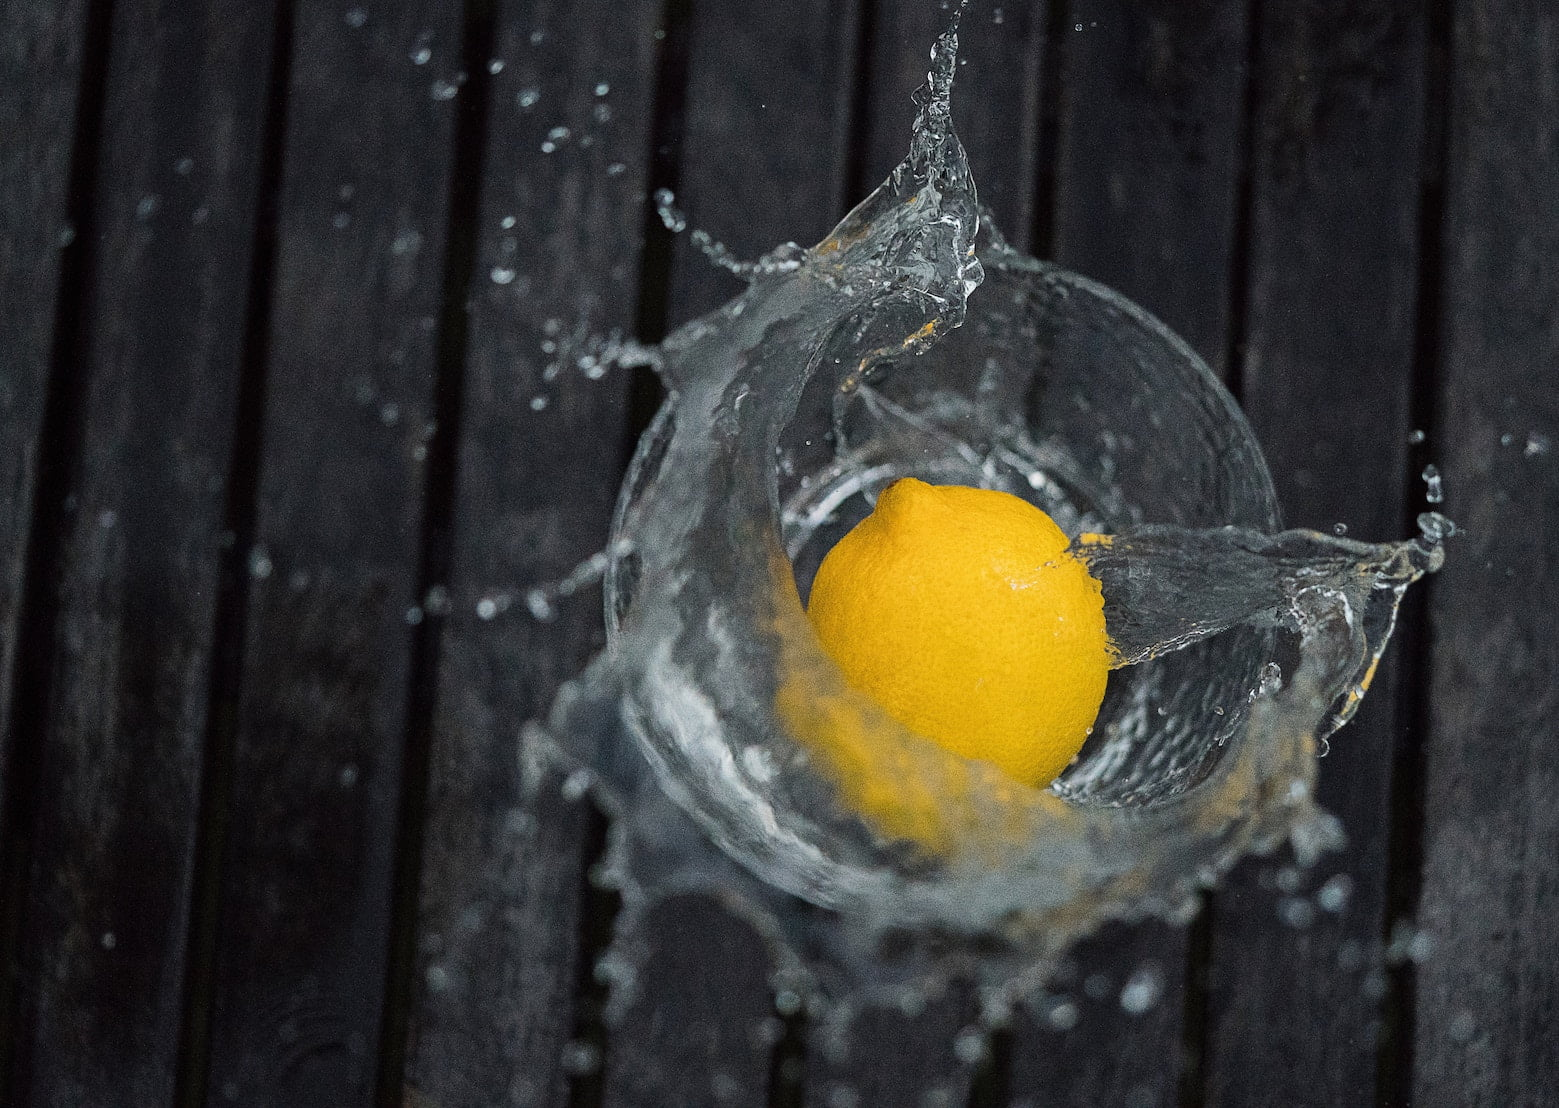 Limone : Il disintossicante in dispensa per il nostro benessere